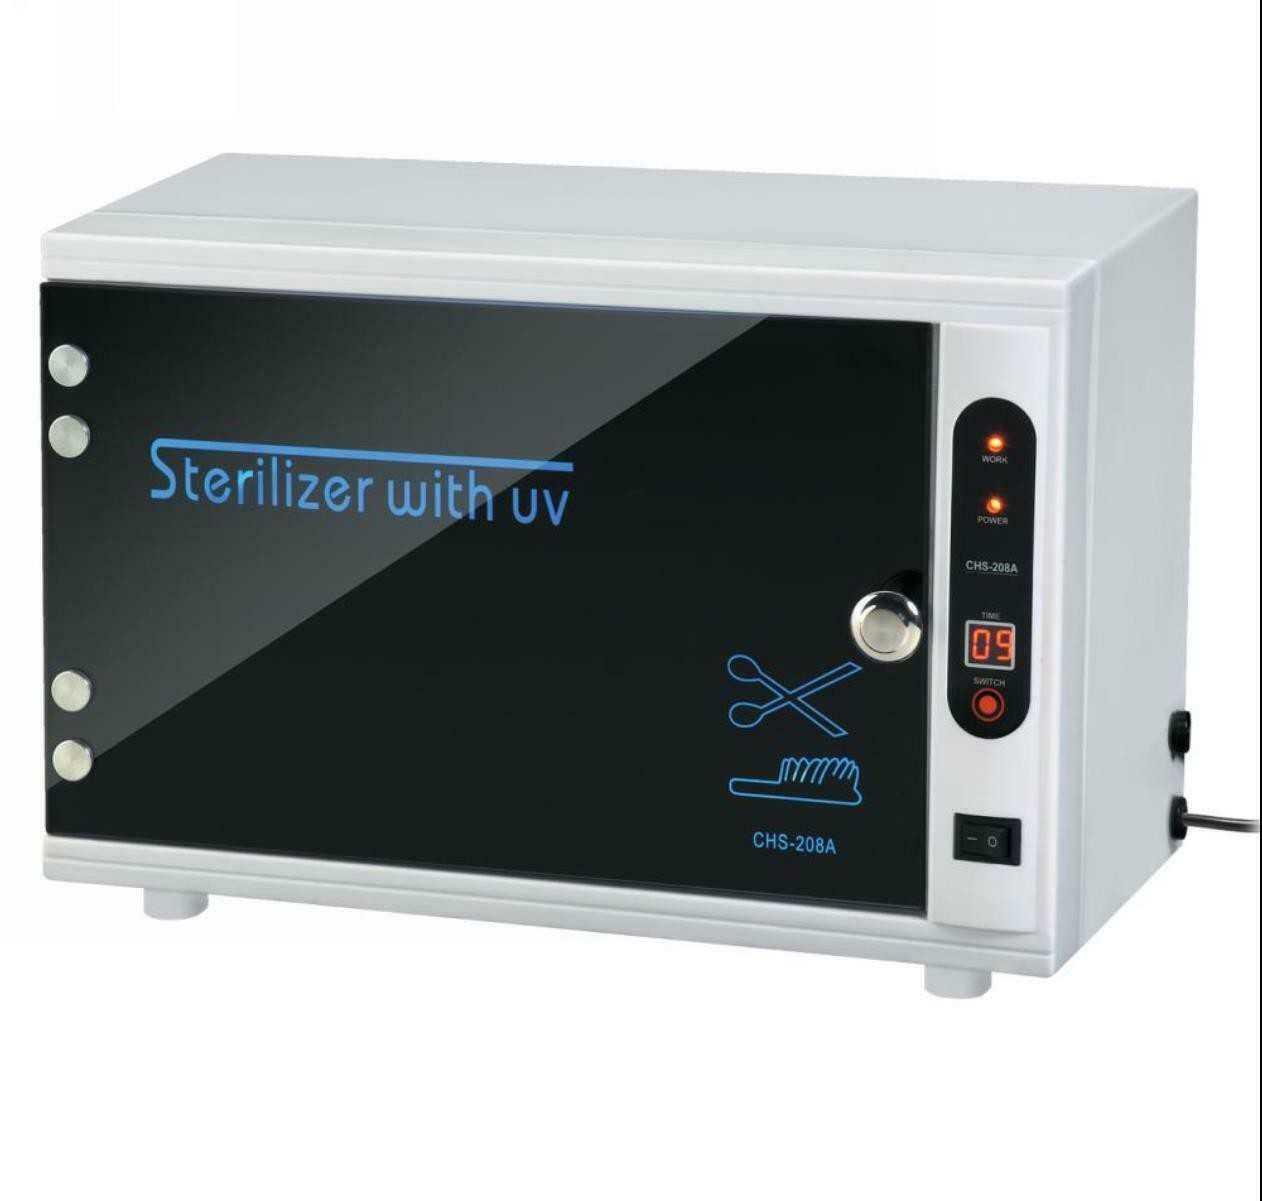 دستگاه استریل UV دیجیتال آرایشگاه